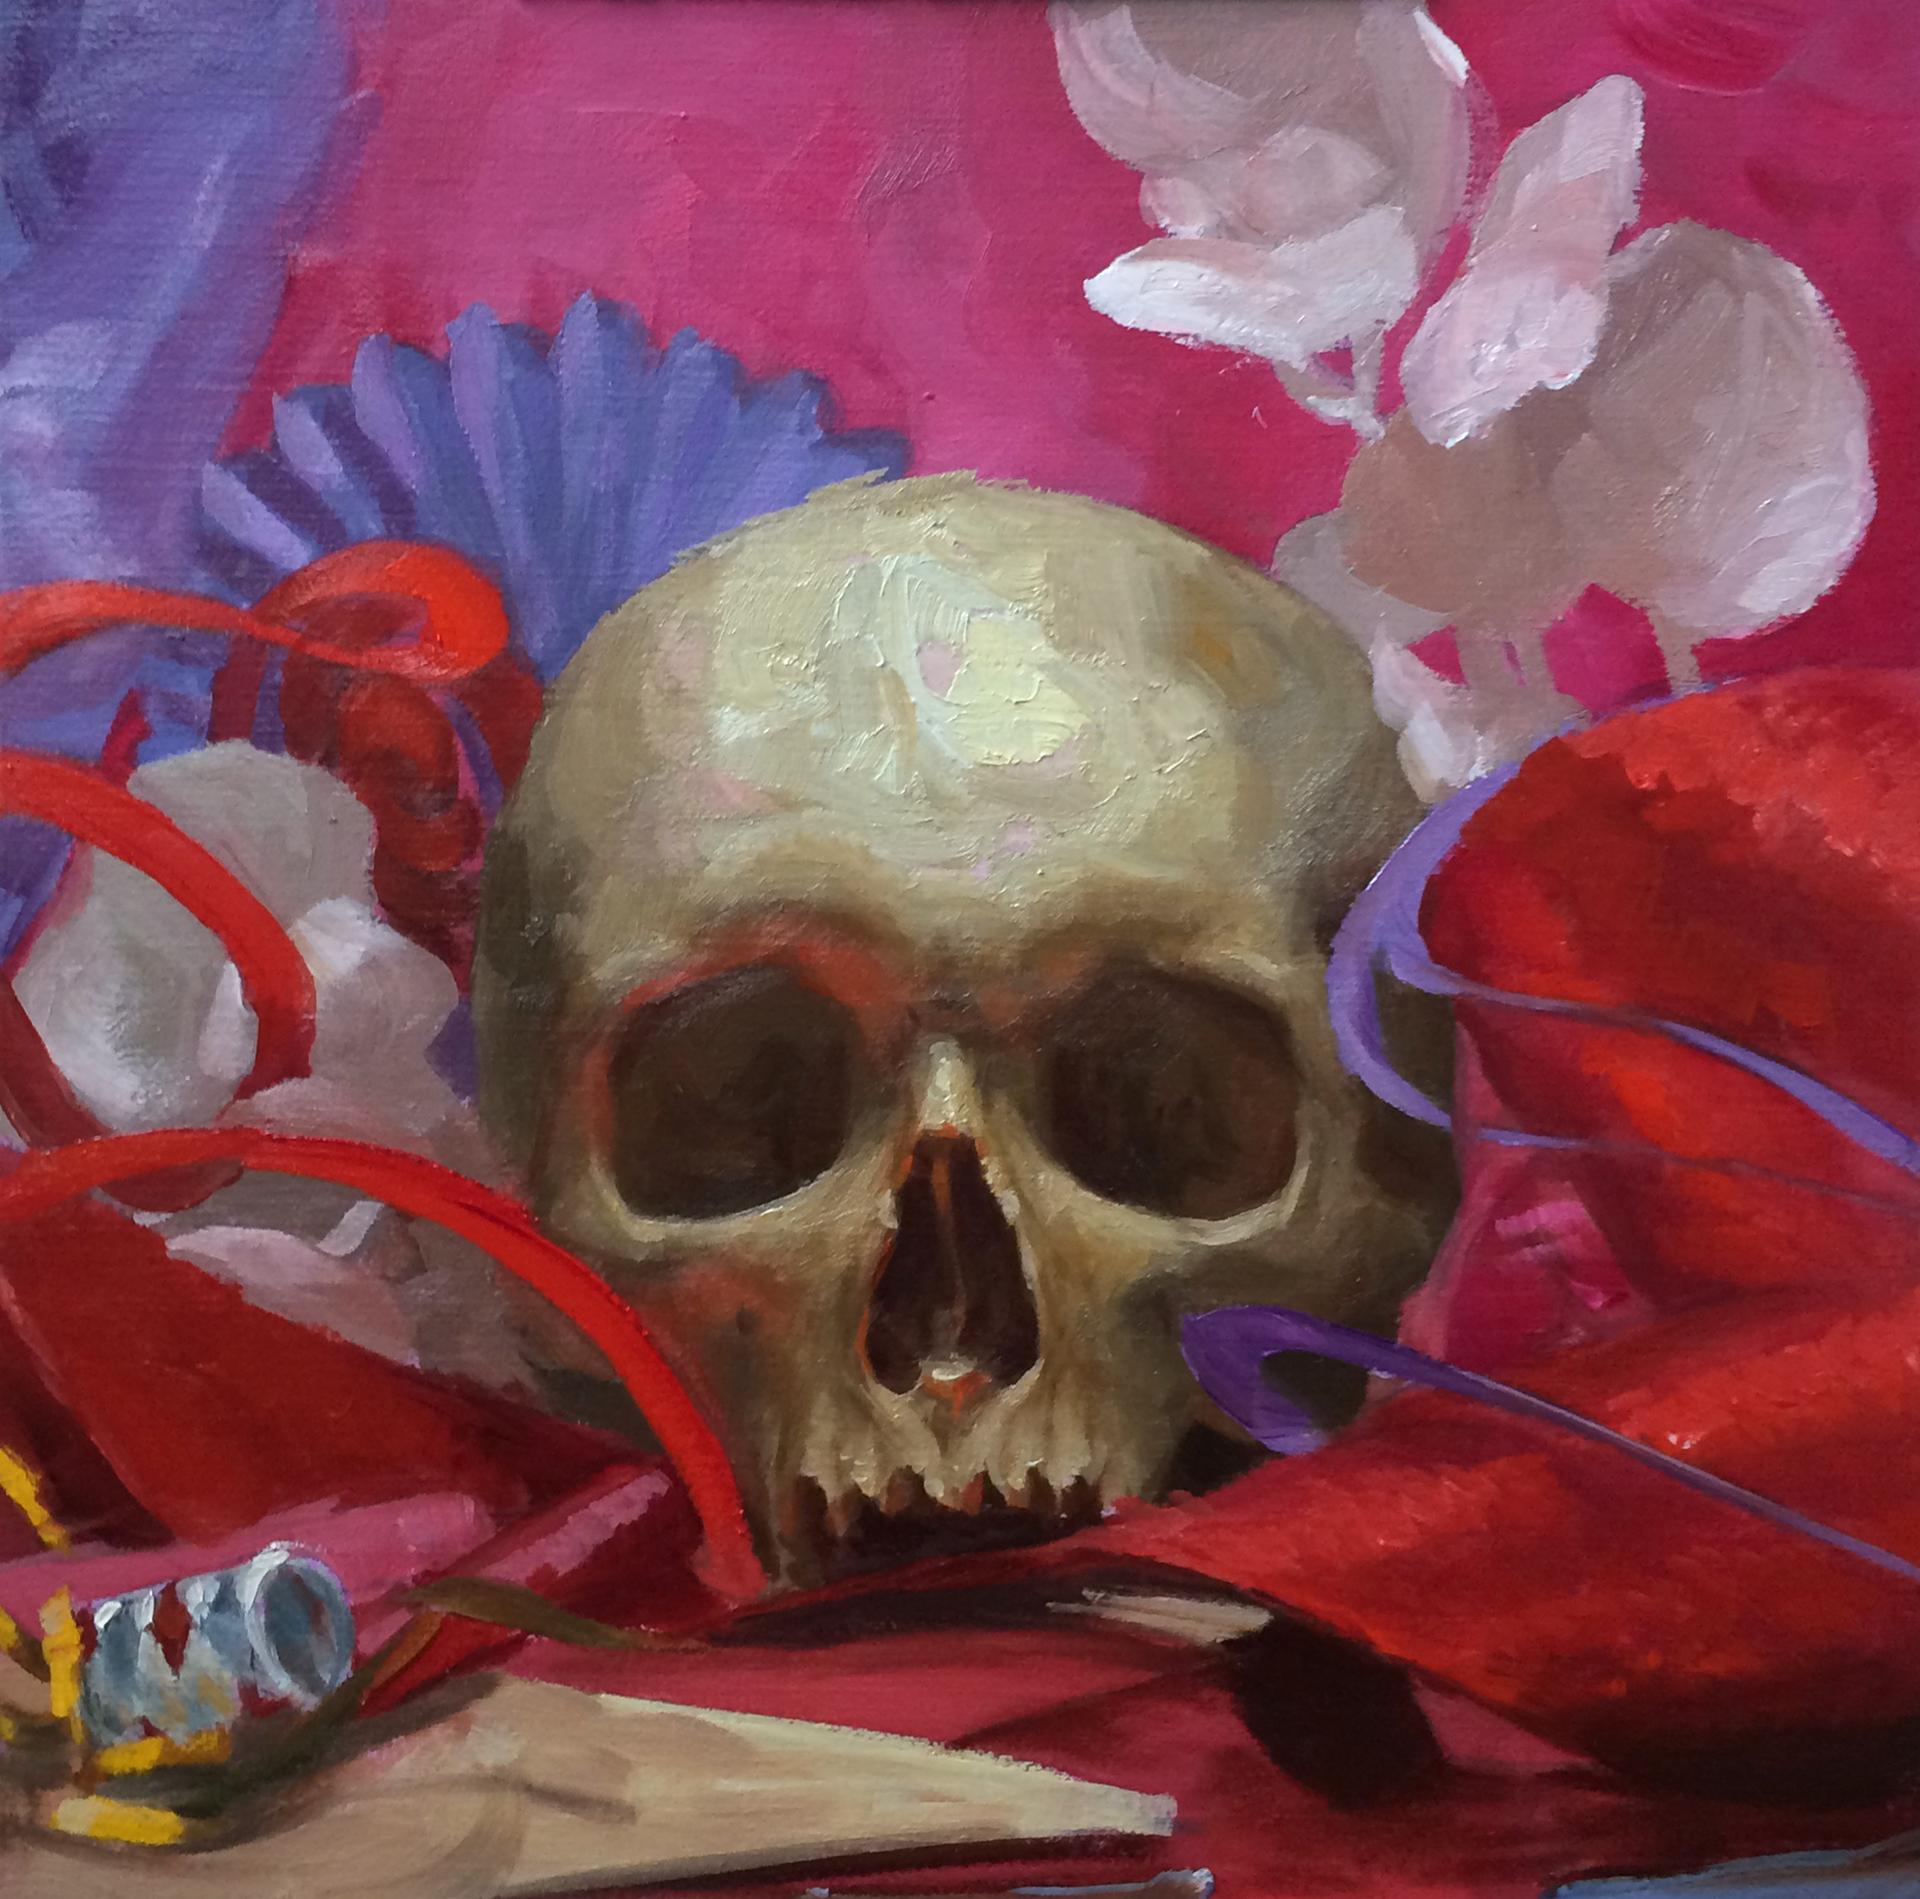 Party Skull #2 by Elizabeth Zanzinger